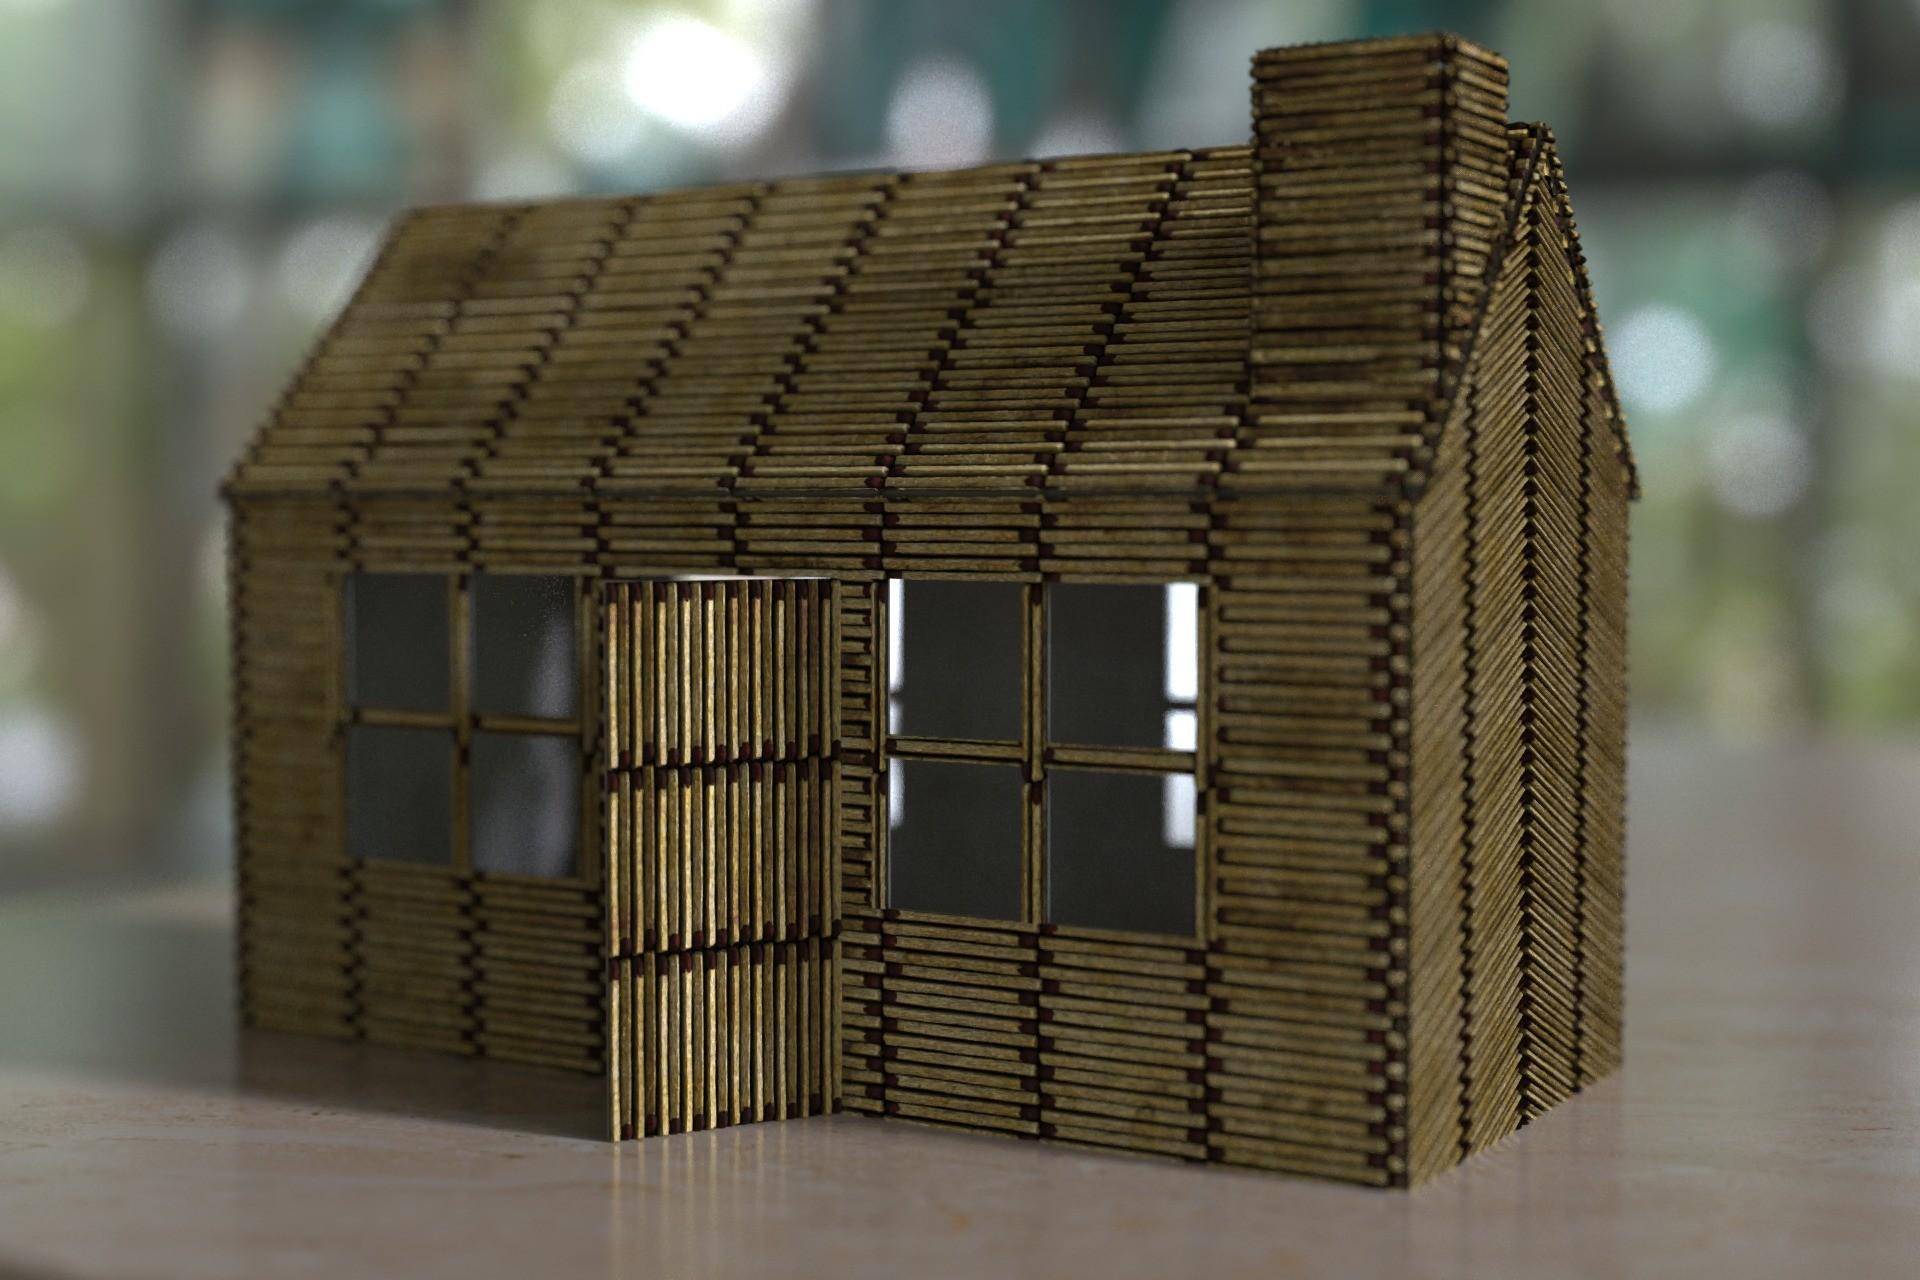 Cem tezcan matchstick house r1 00002